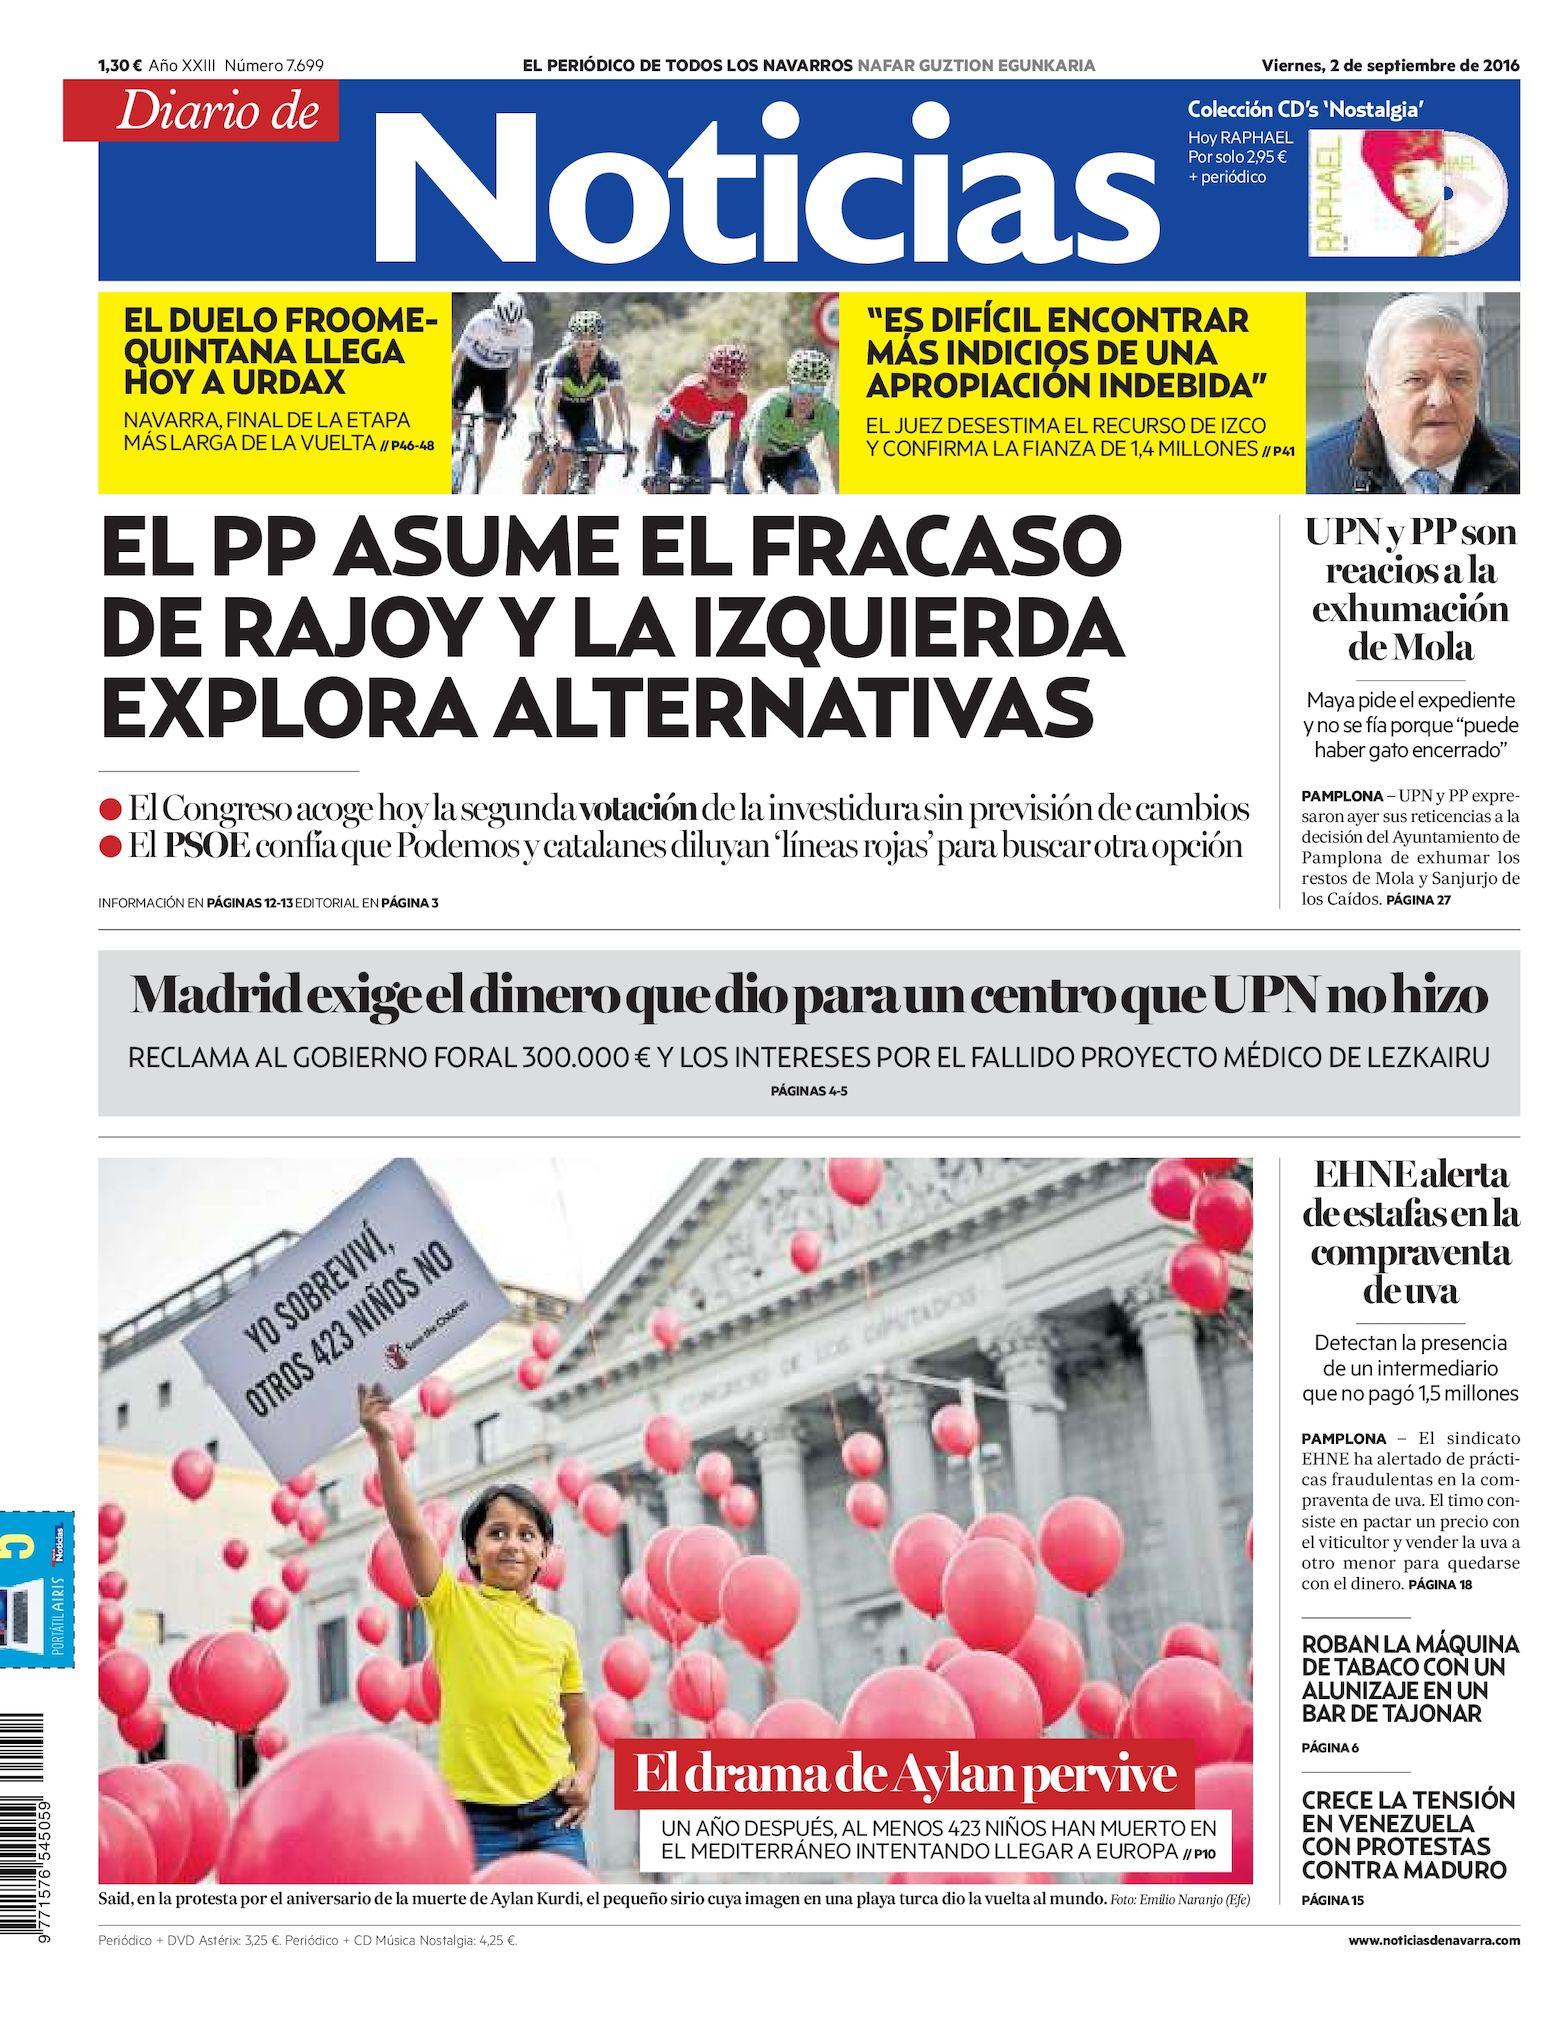 Calaméo - Diario de Noticias 20160902 9dca53fcf3107